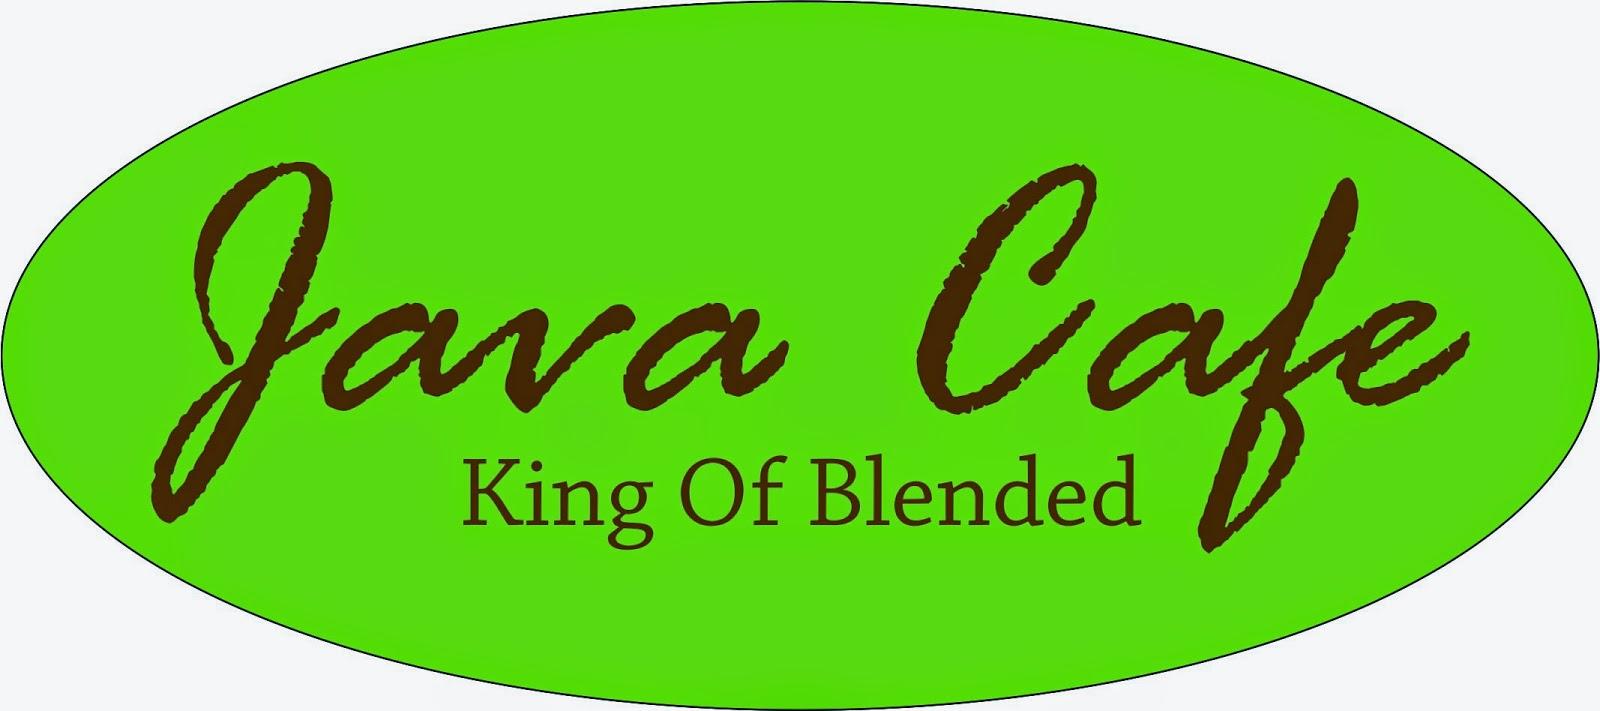 Lowongan Kerja Java Cafe Bandar Lampung